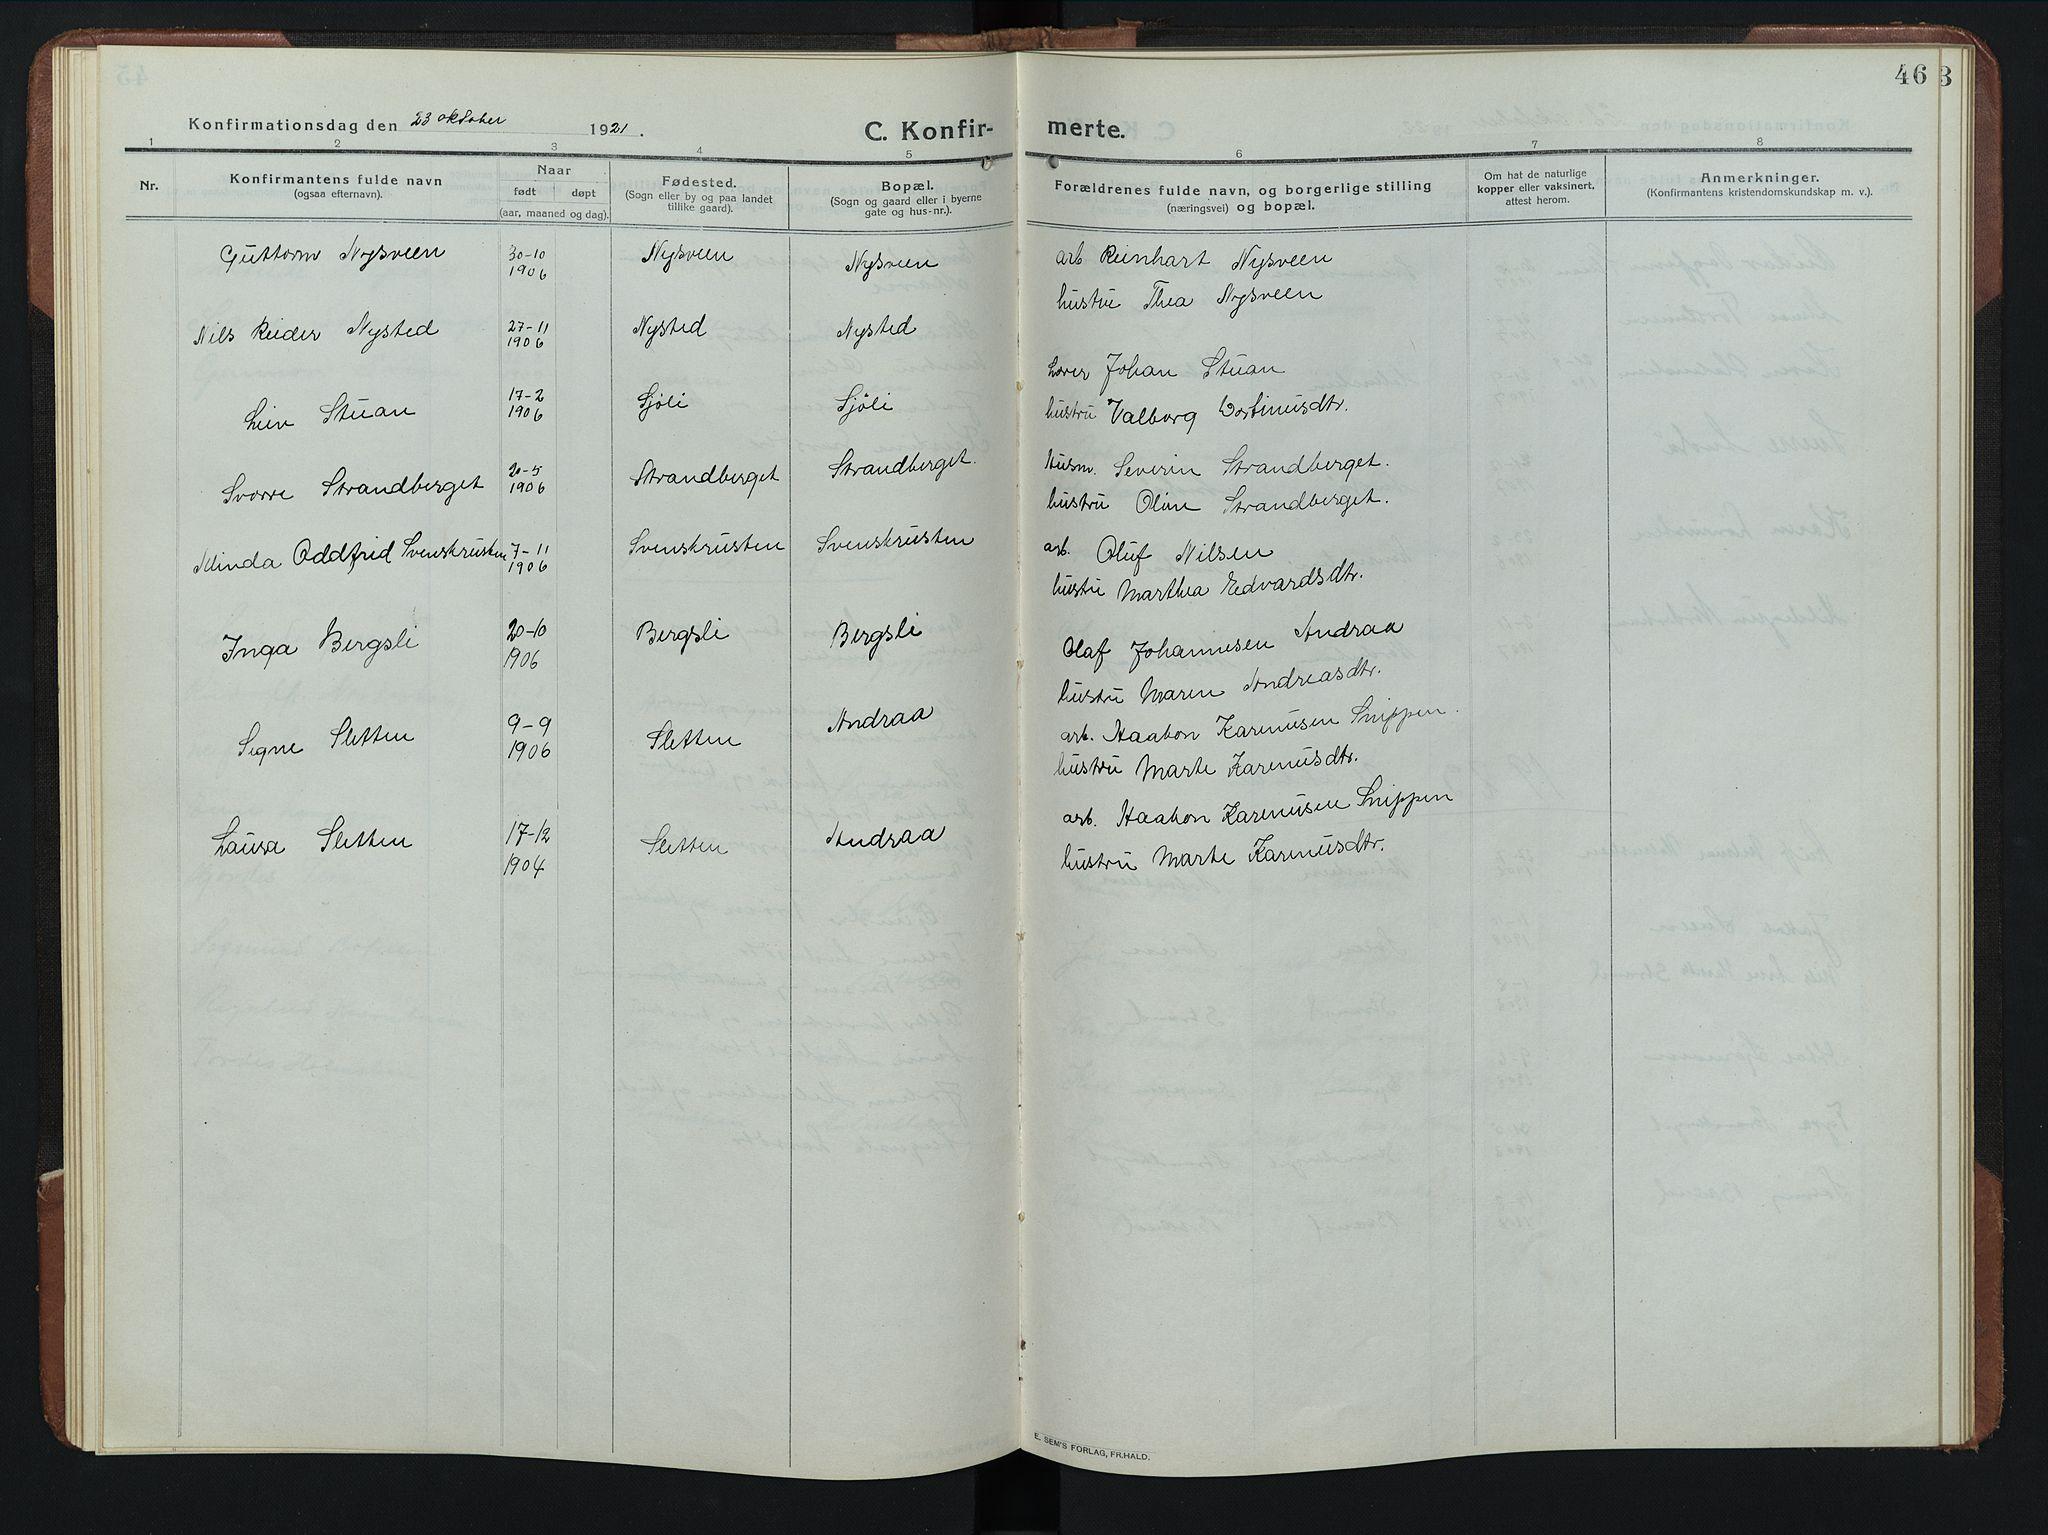 SAH, Rendalen prestekontor, H/Ha/Hab/L0008: Klokkerbok nr. 8, 1914-1948, s. 46